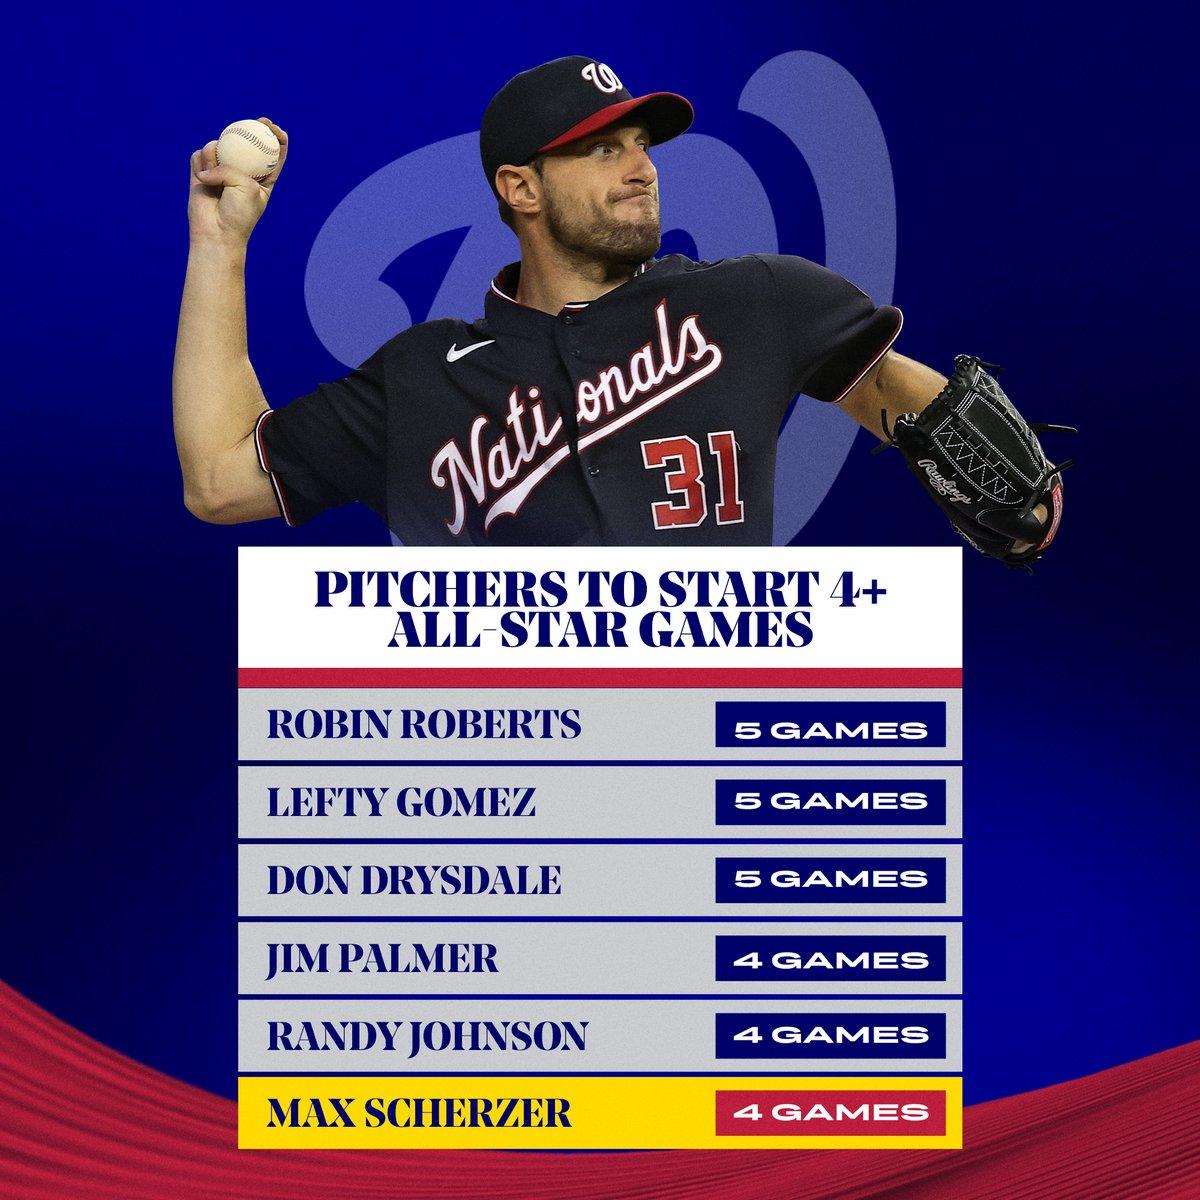 @MLBStats's photo on Max Scherzer